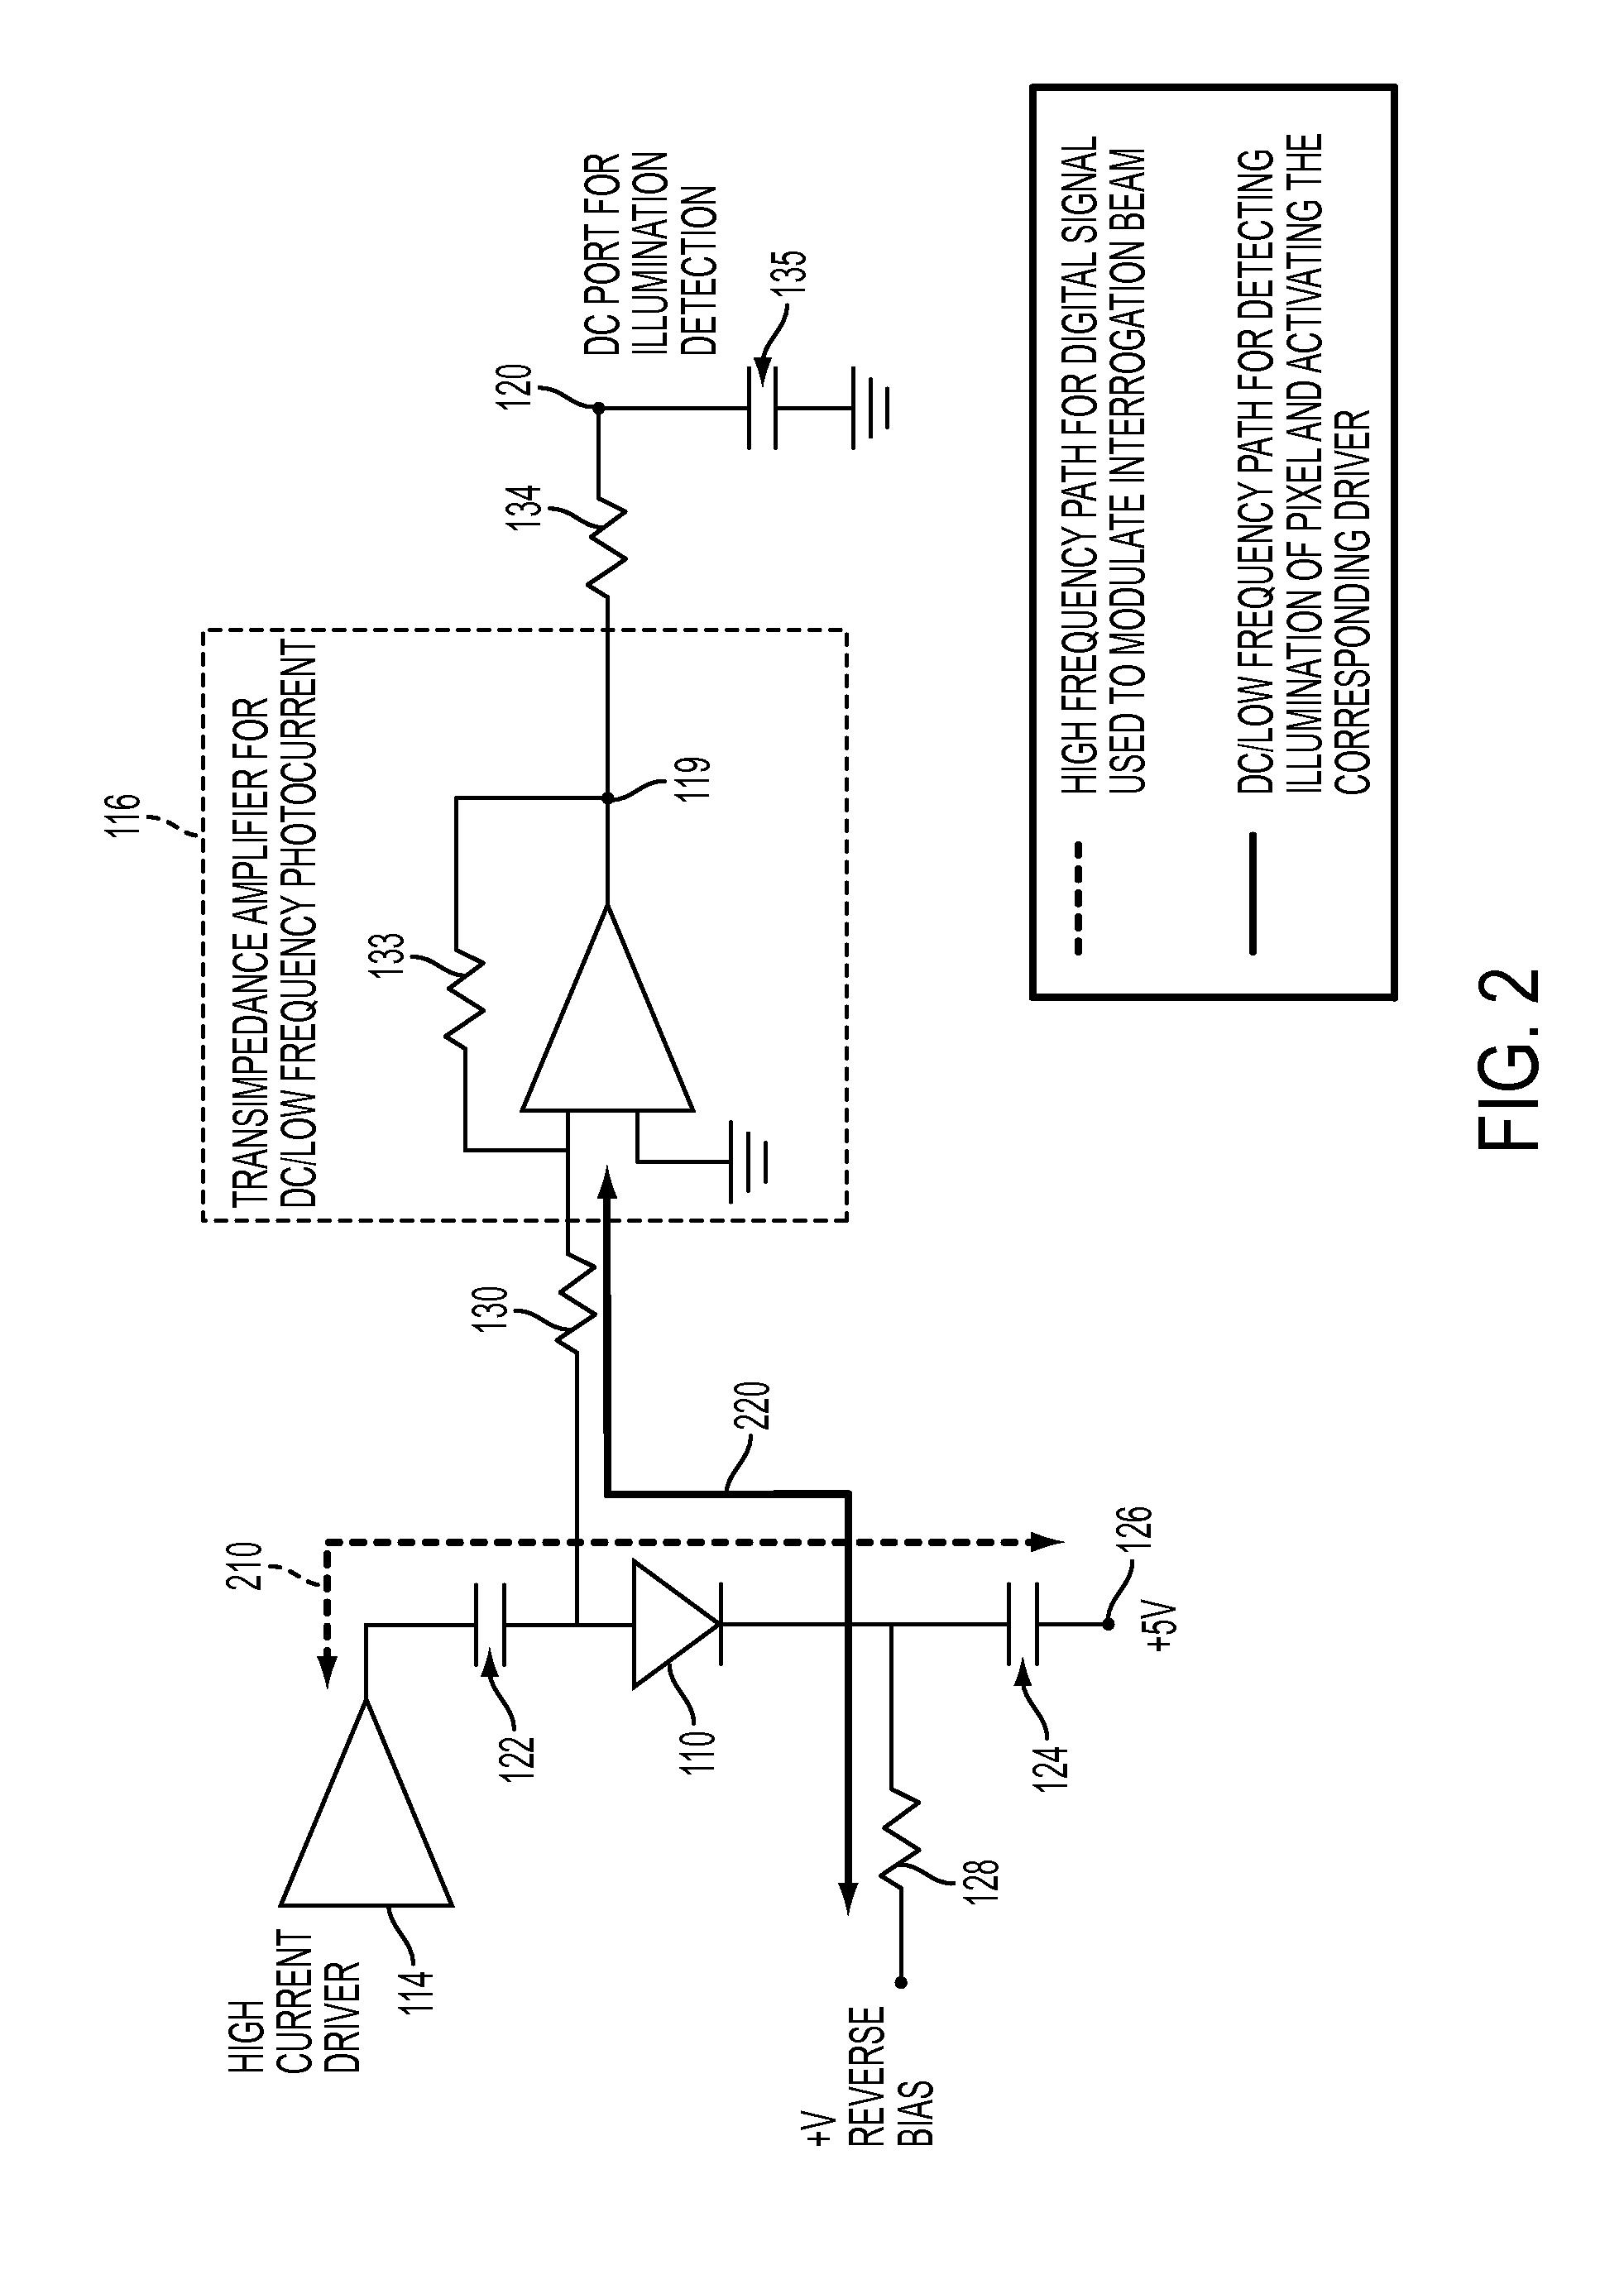 patent us8379286